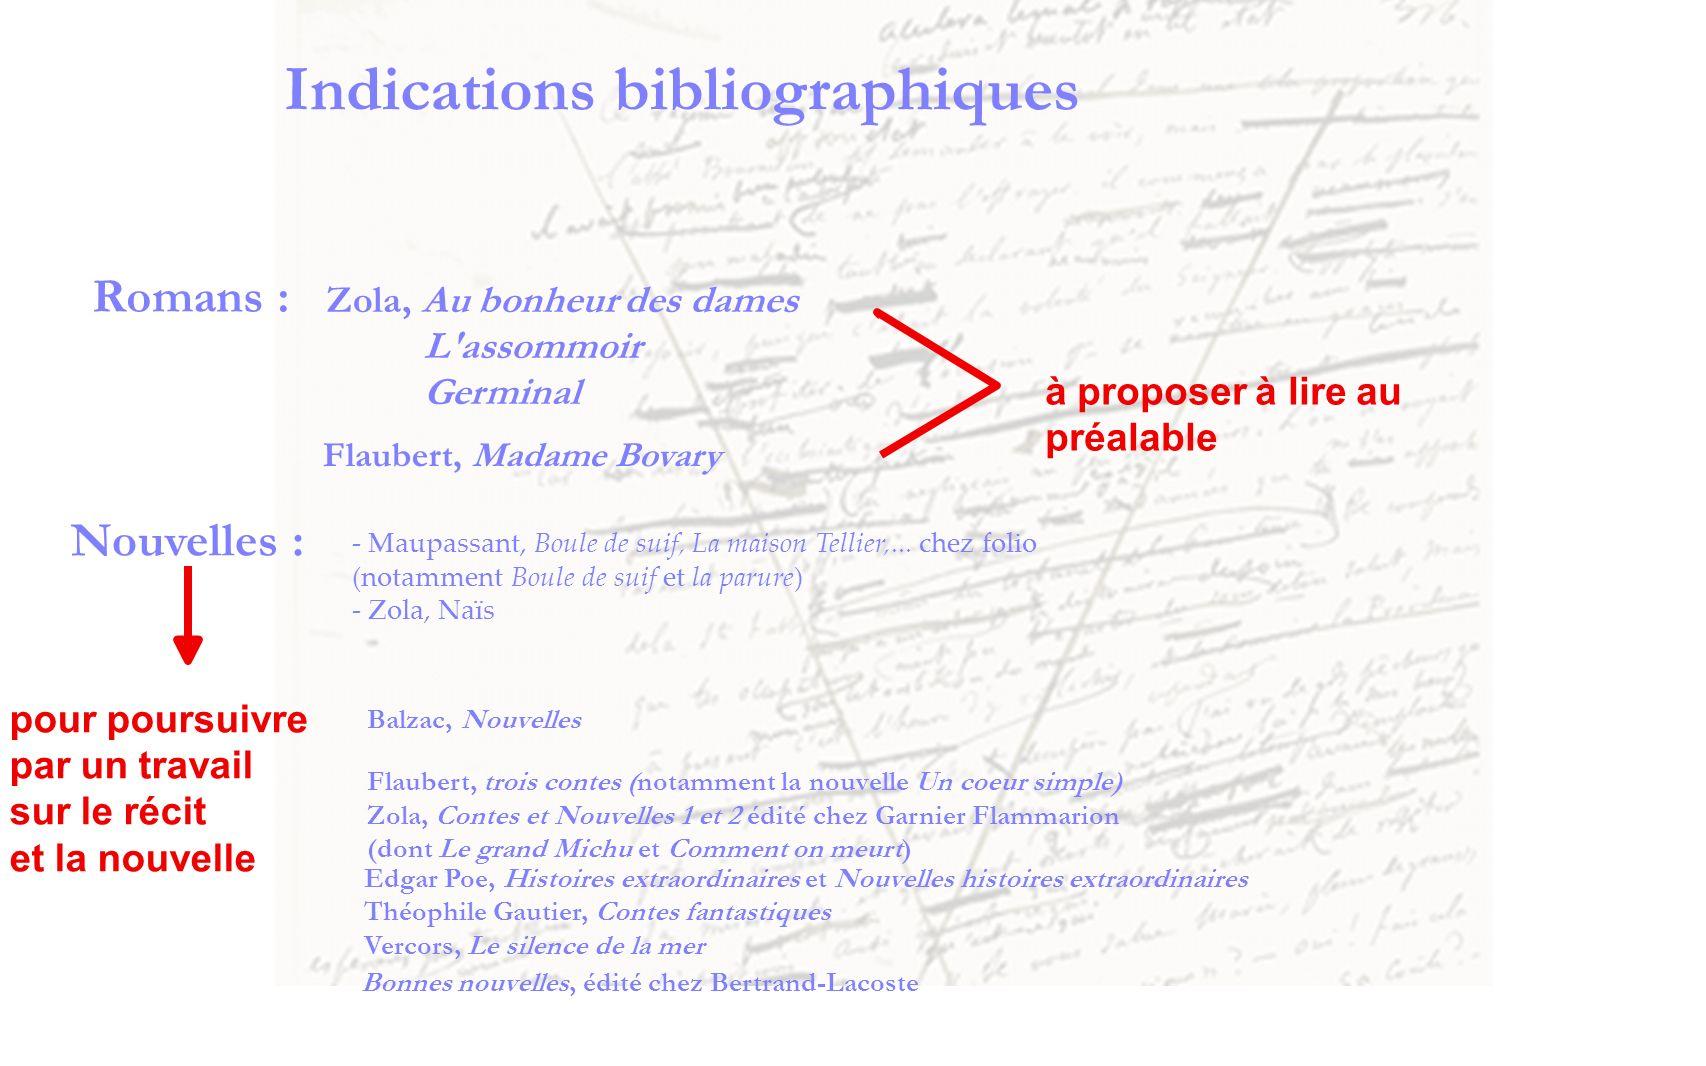 Indications bibliographiques Balzac, Nouvelles Flaubert, trois contes (notamment la nouvelle Un coeur simple) Zola, Contes et Nouvelles 1 et 2 édité c